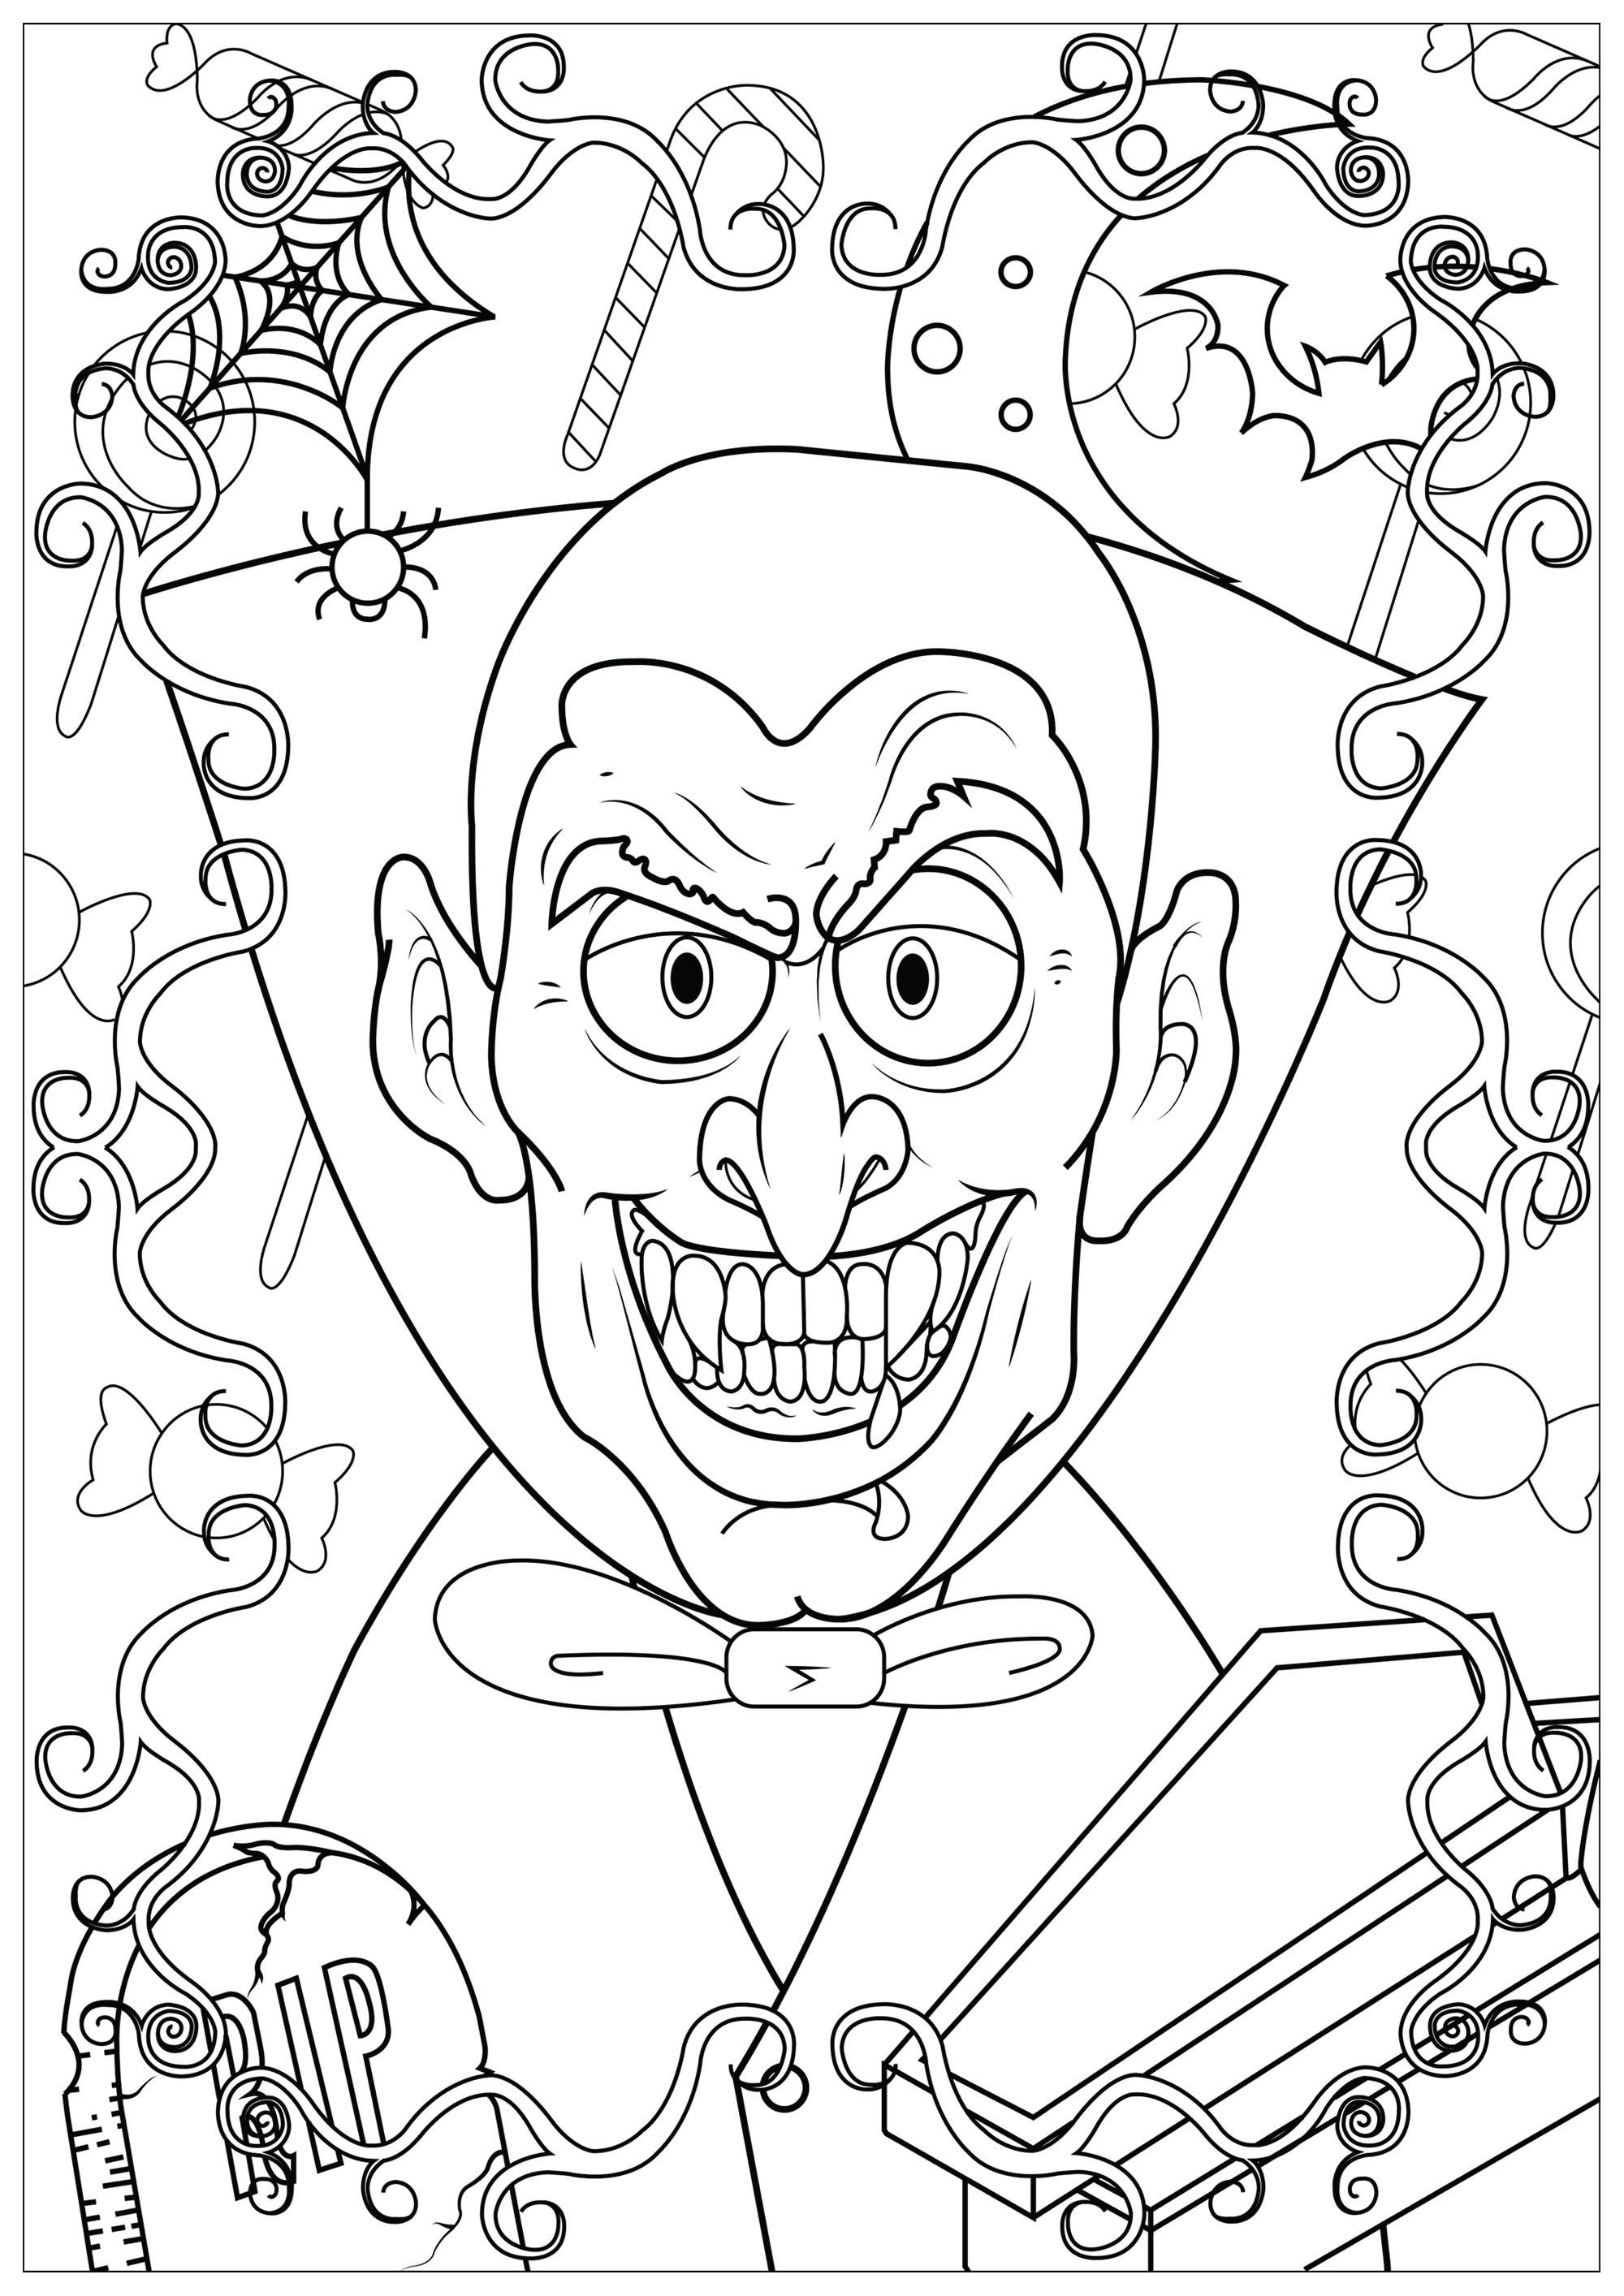 Un vampire aux dents aiguisées